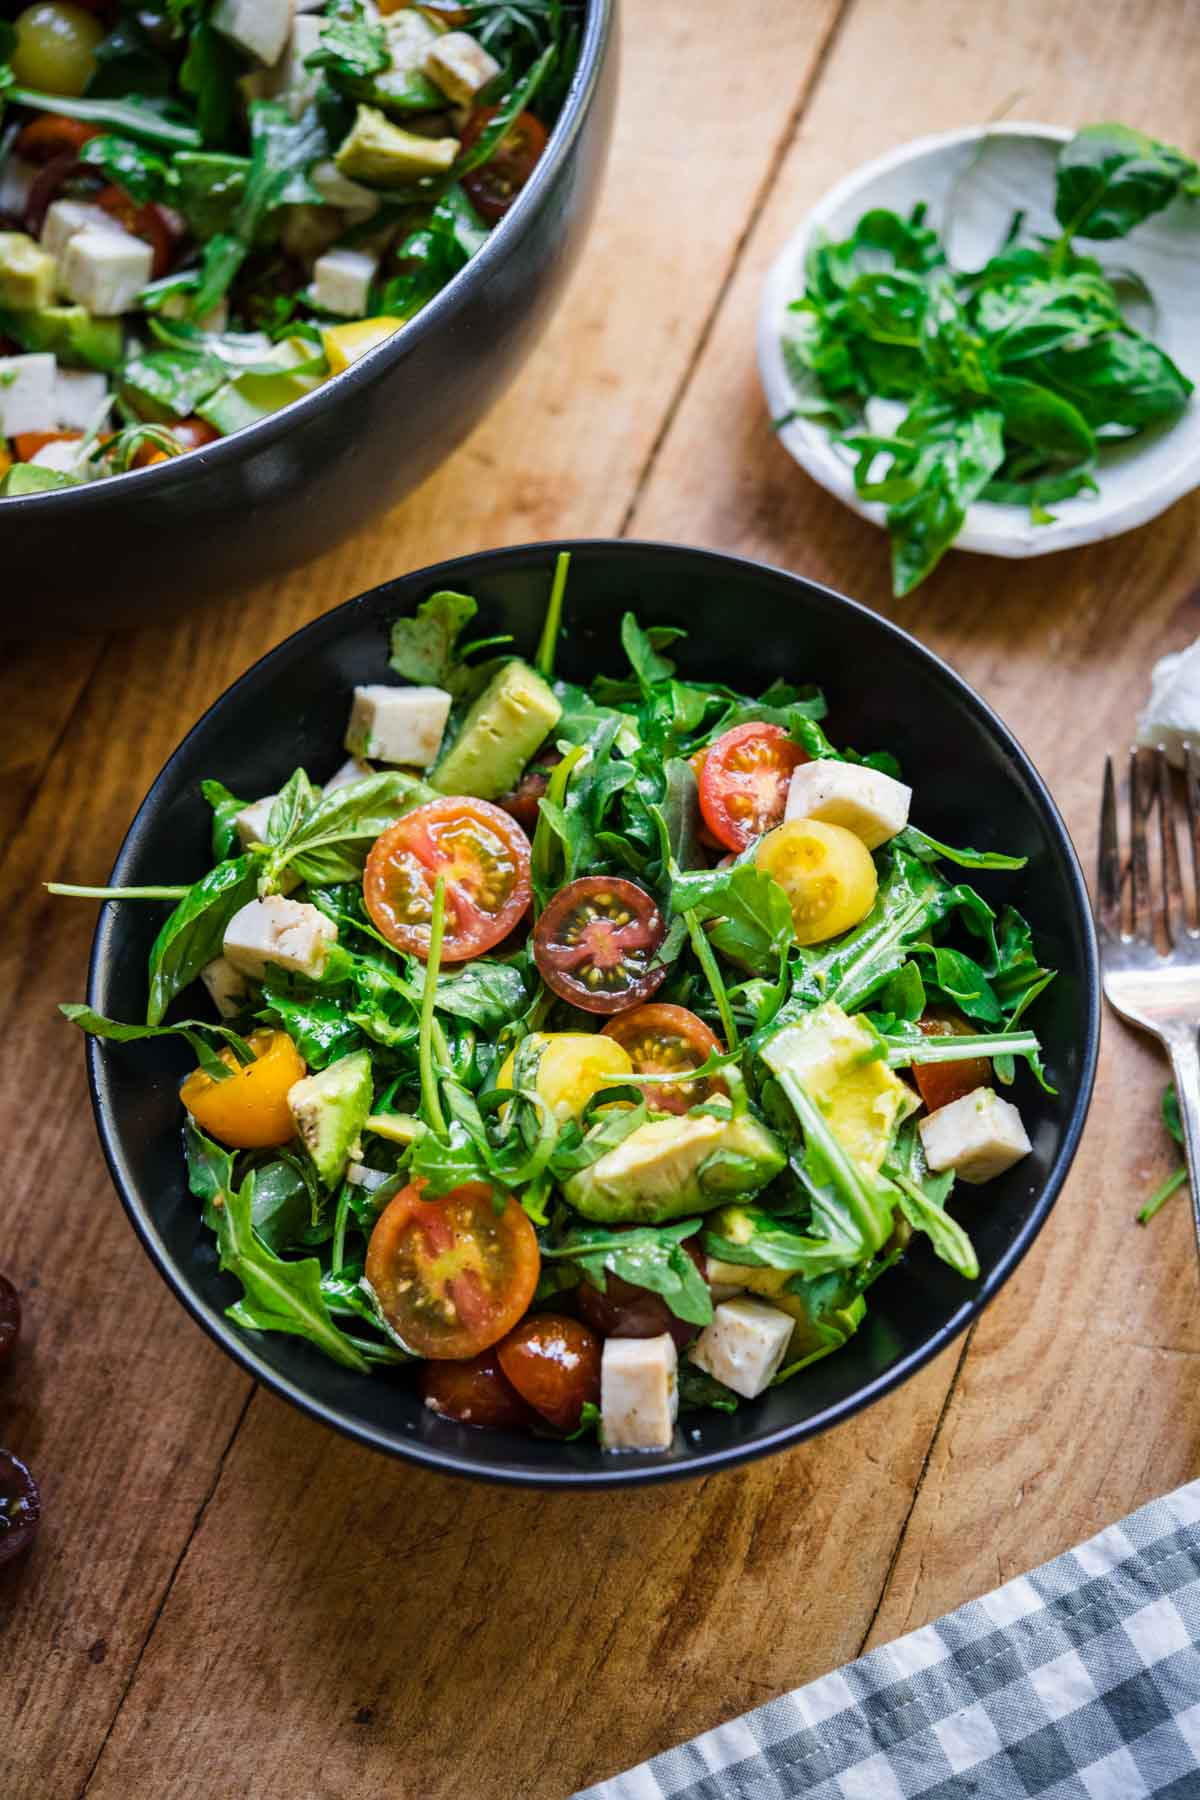 Arugula caprese salad in a small bowl.